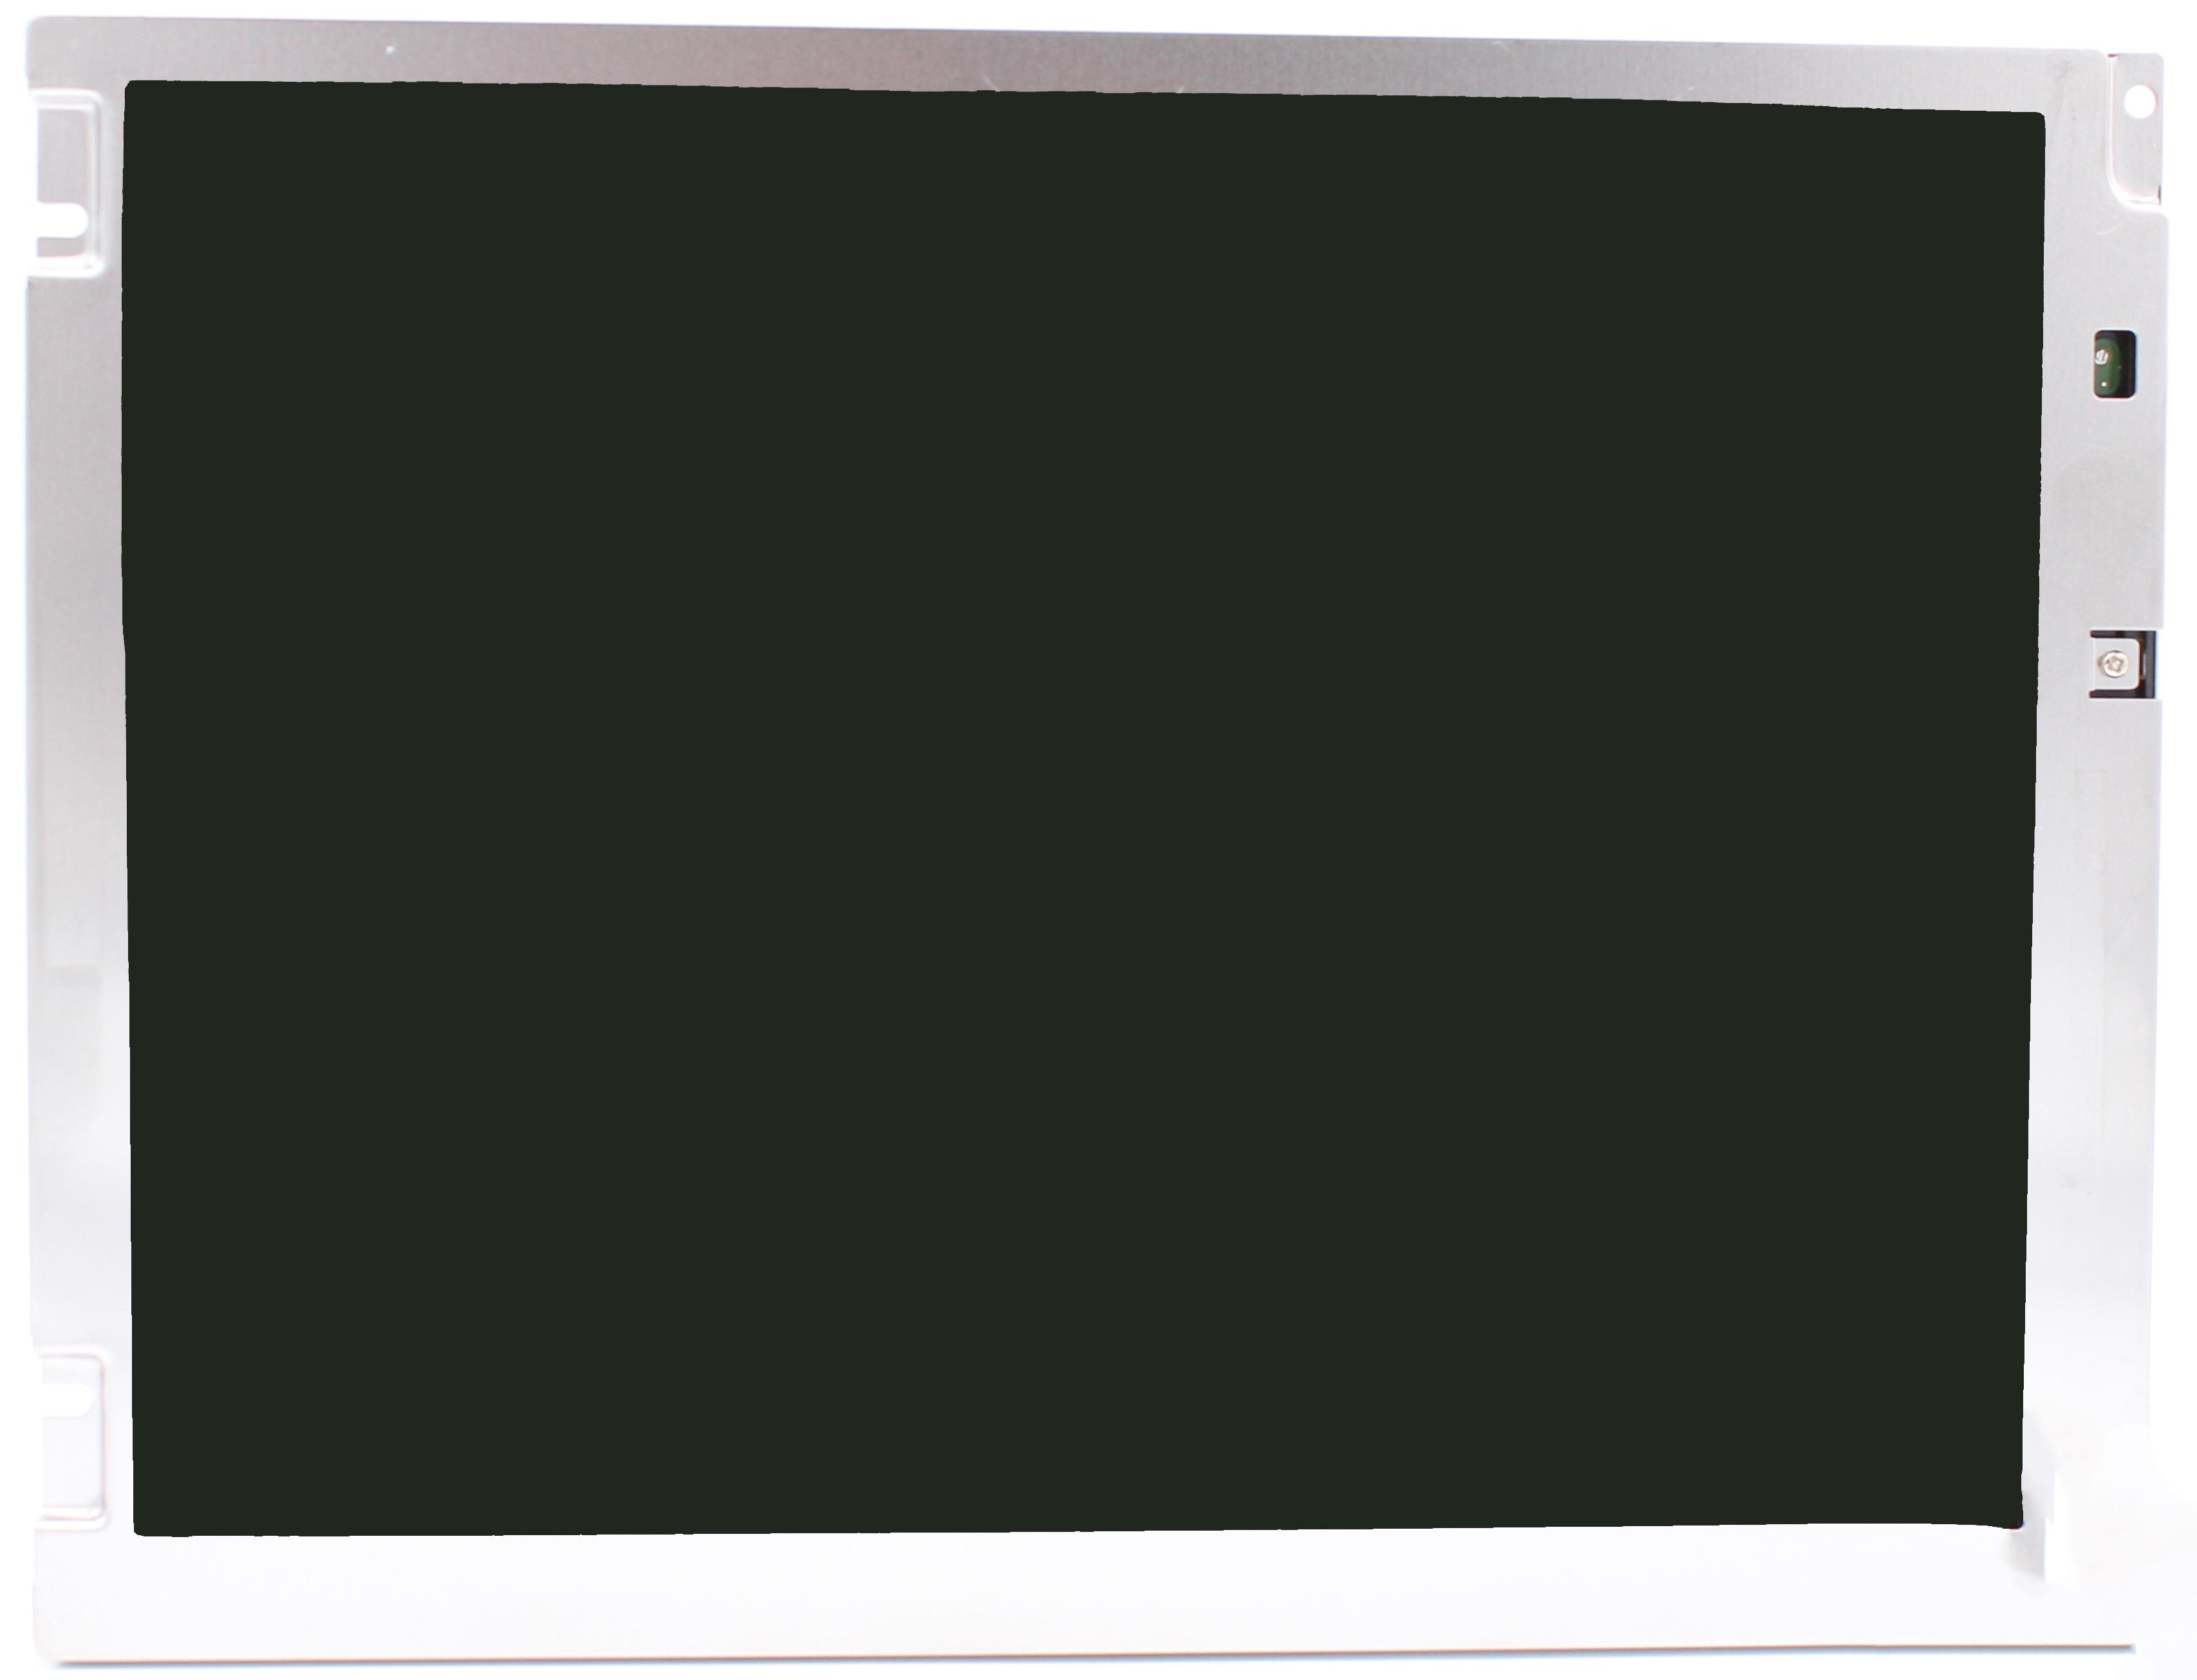 F/E-WU002840 Freedom Electronics Wayne Ovation 10.4